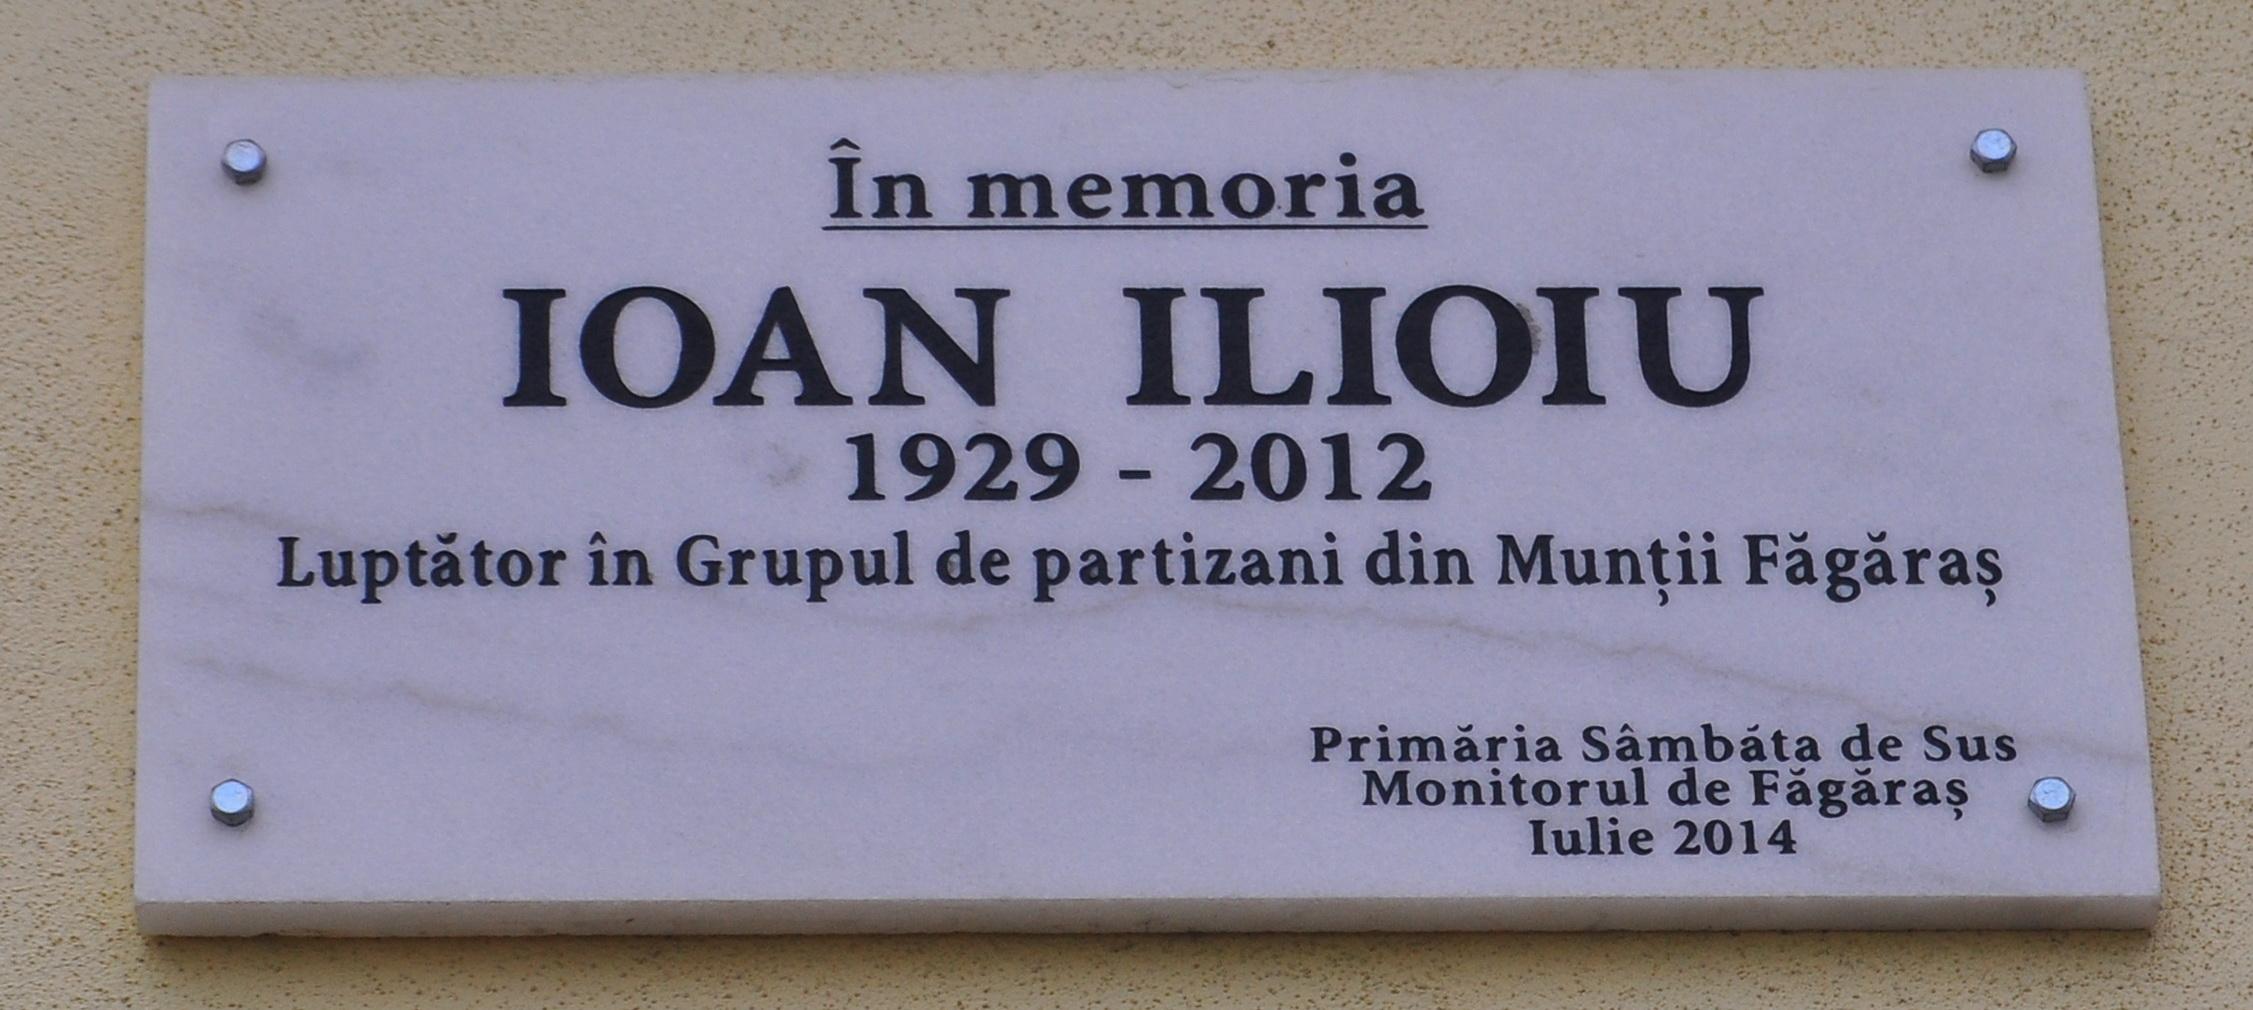 Placă comemorativă Ioan Ilioiu Sâmbata de Sus